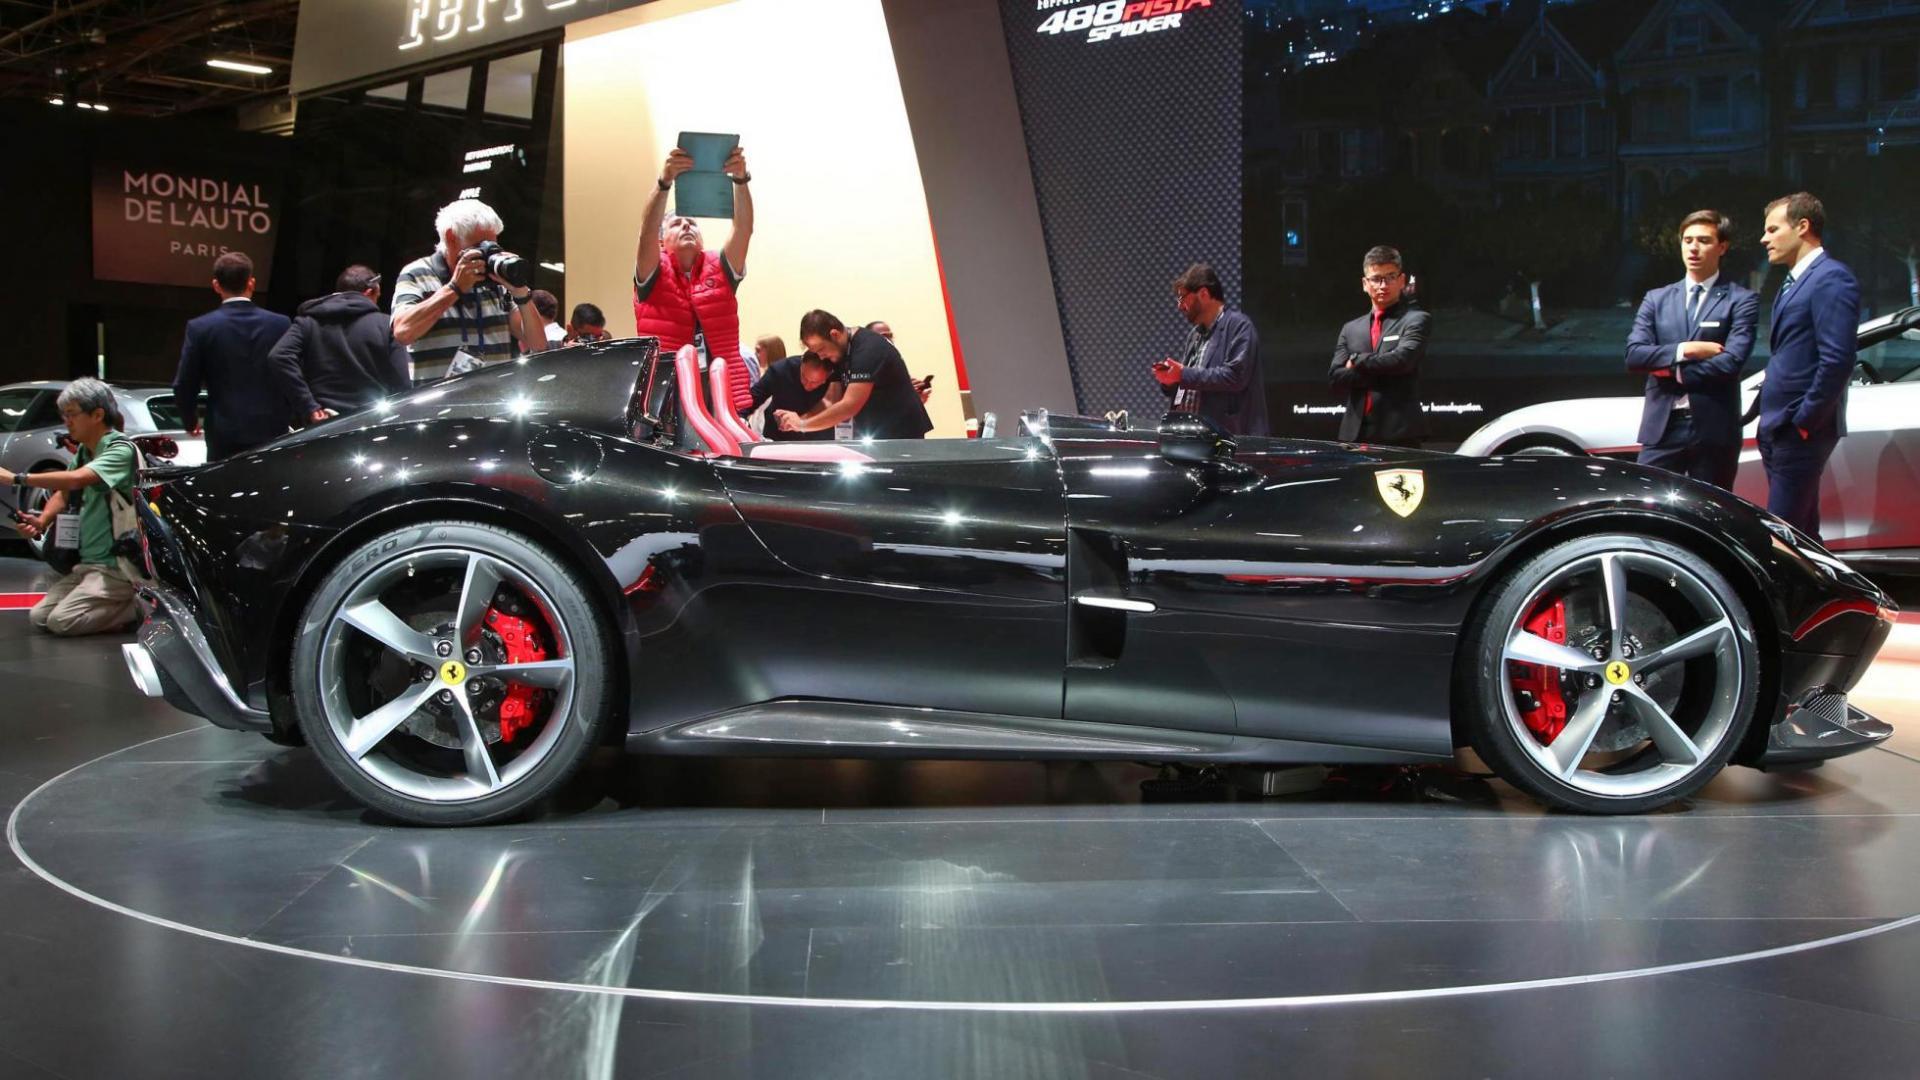 Ferrari Monza Autosalon van Parijs 2018